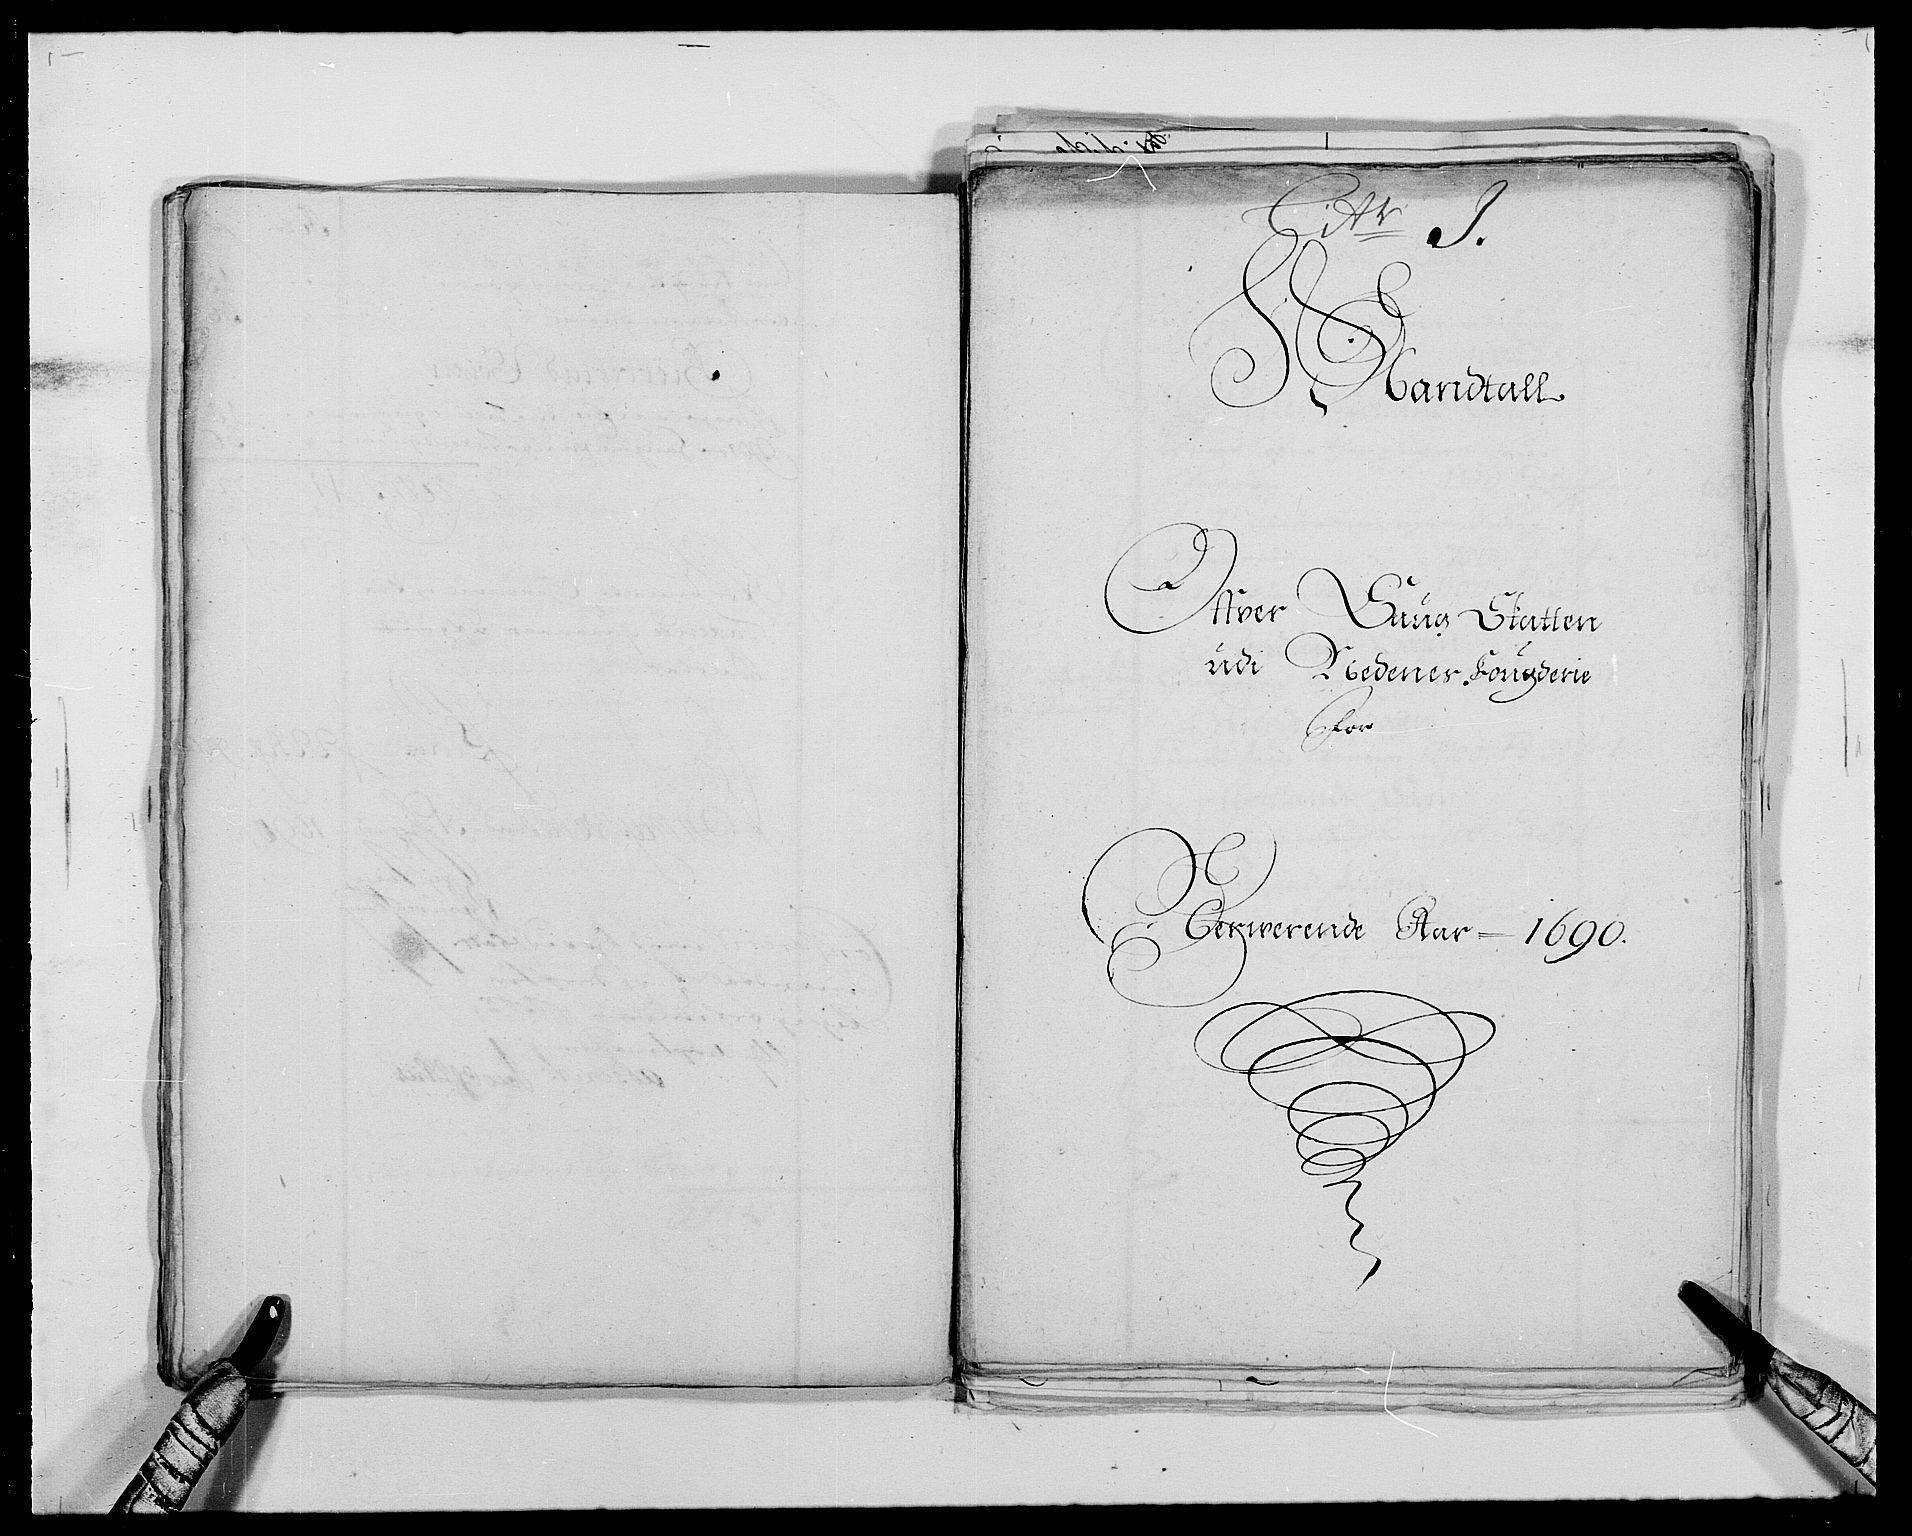 RA, Rentekammeret inntil 1814, Reviderte regnskaper, Fogderegnskap, R39/L2310: Fogderegnskap Nedenes, 1690-1692, s. 232